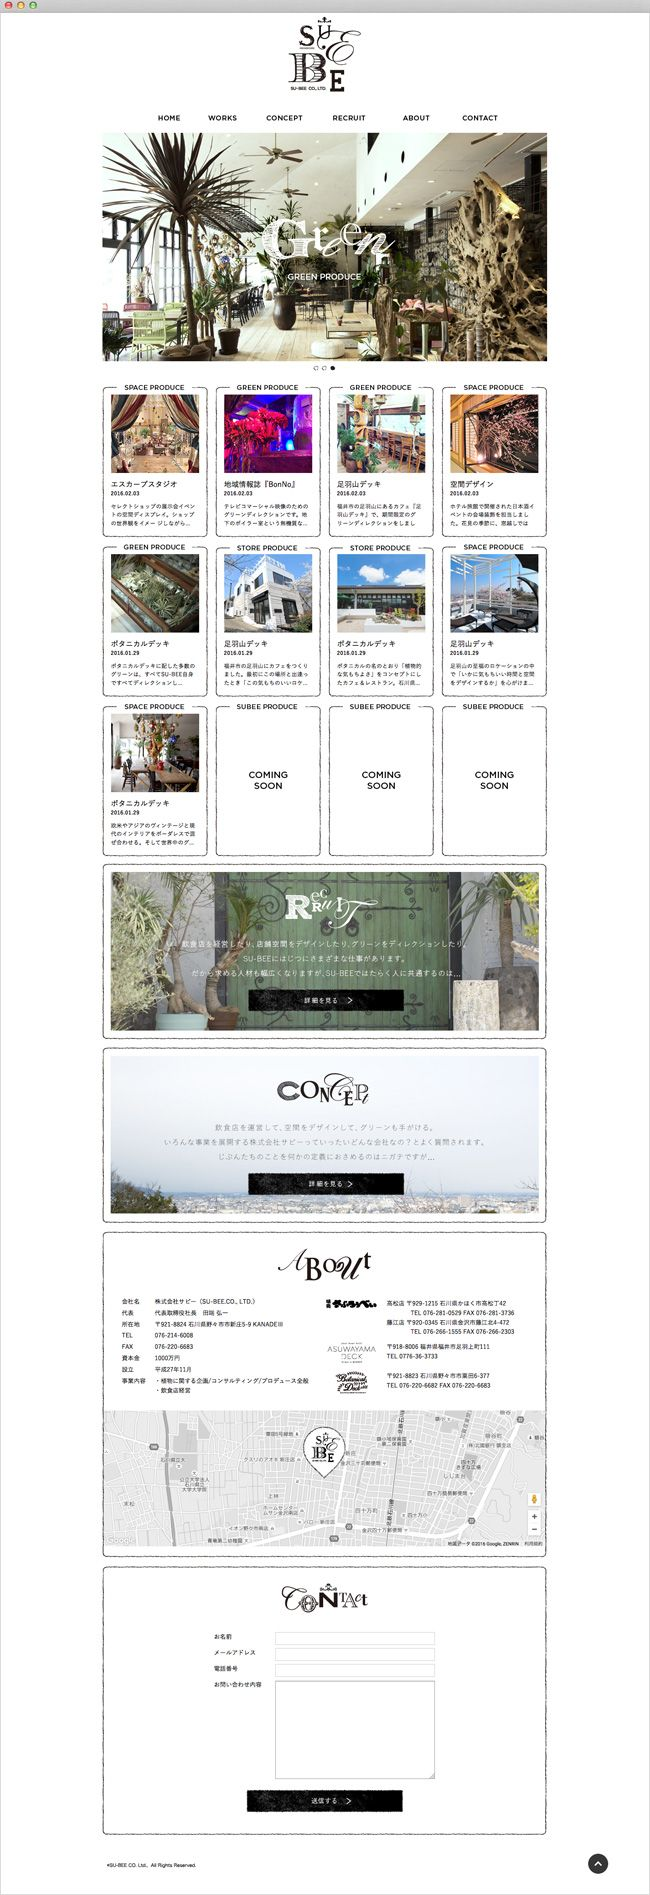 株式会社SU-BEE ブランディング | 石川県金沢市のデザインチーム「ヴォイス」 ホームページ作成やCMの企画制作をはじめNPOタテマチ大学を運営